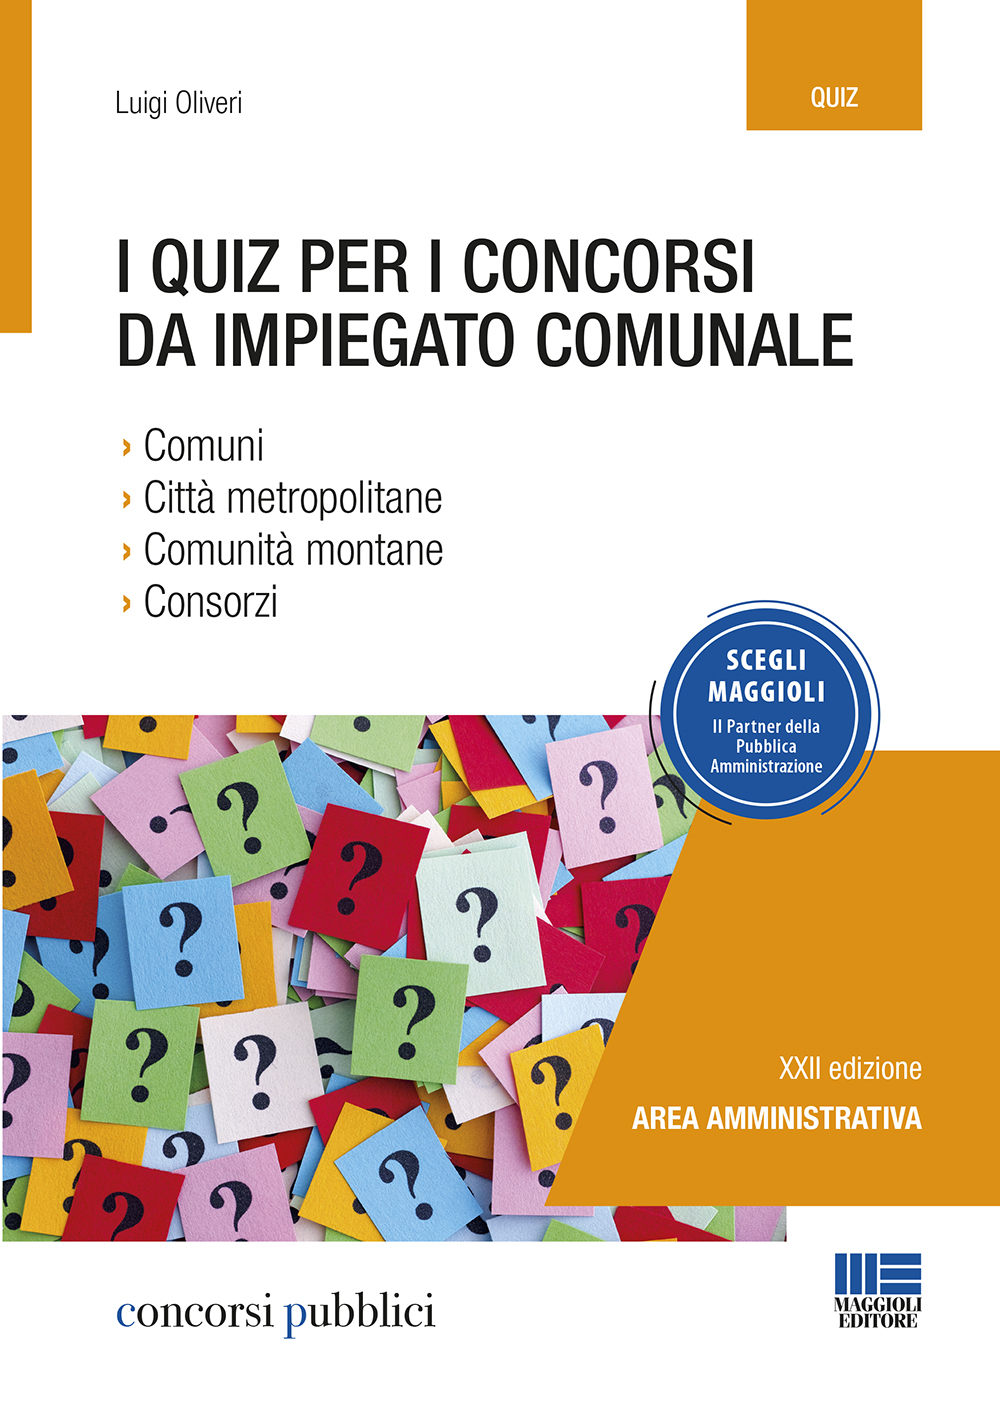 Quiz per Concorsi da impiegato comunale 2020